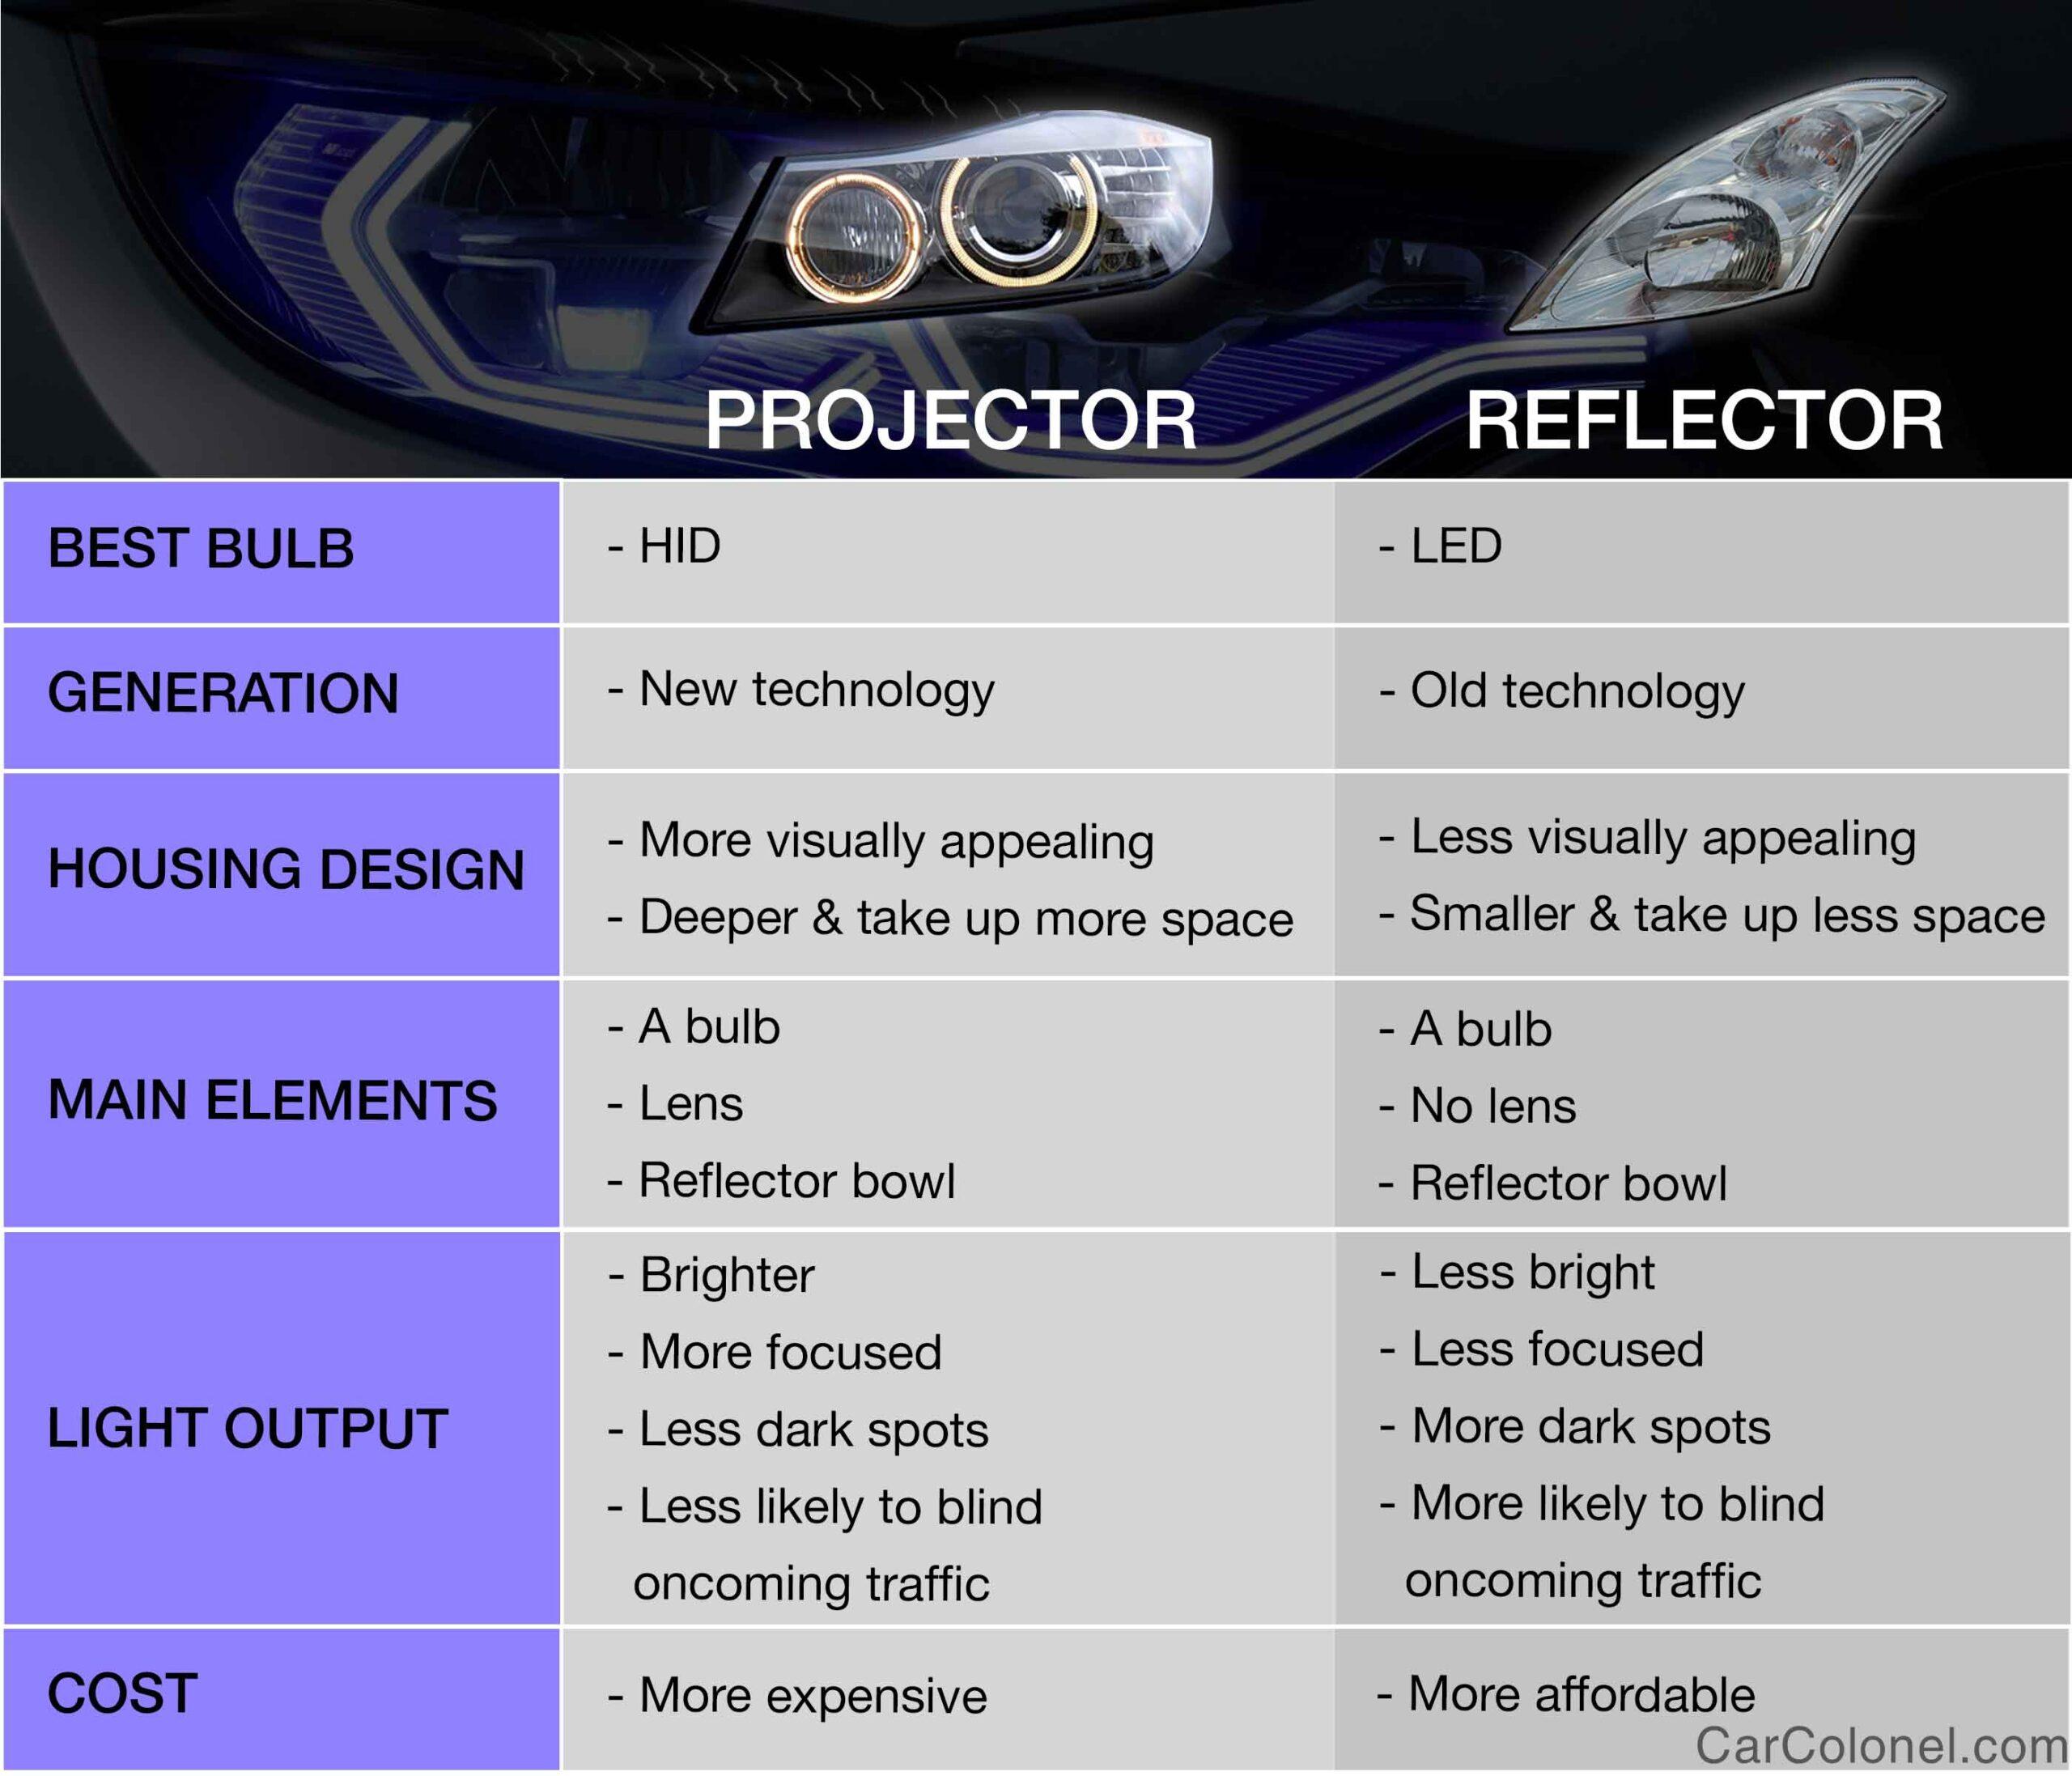 Projector vs. Reflector: Head-to-head comparison chart